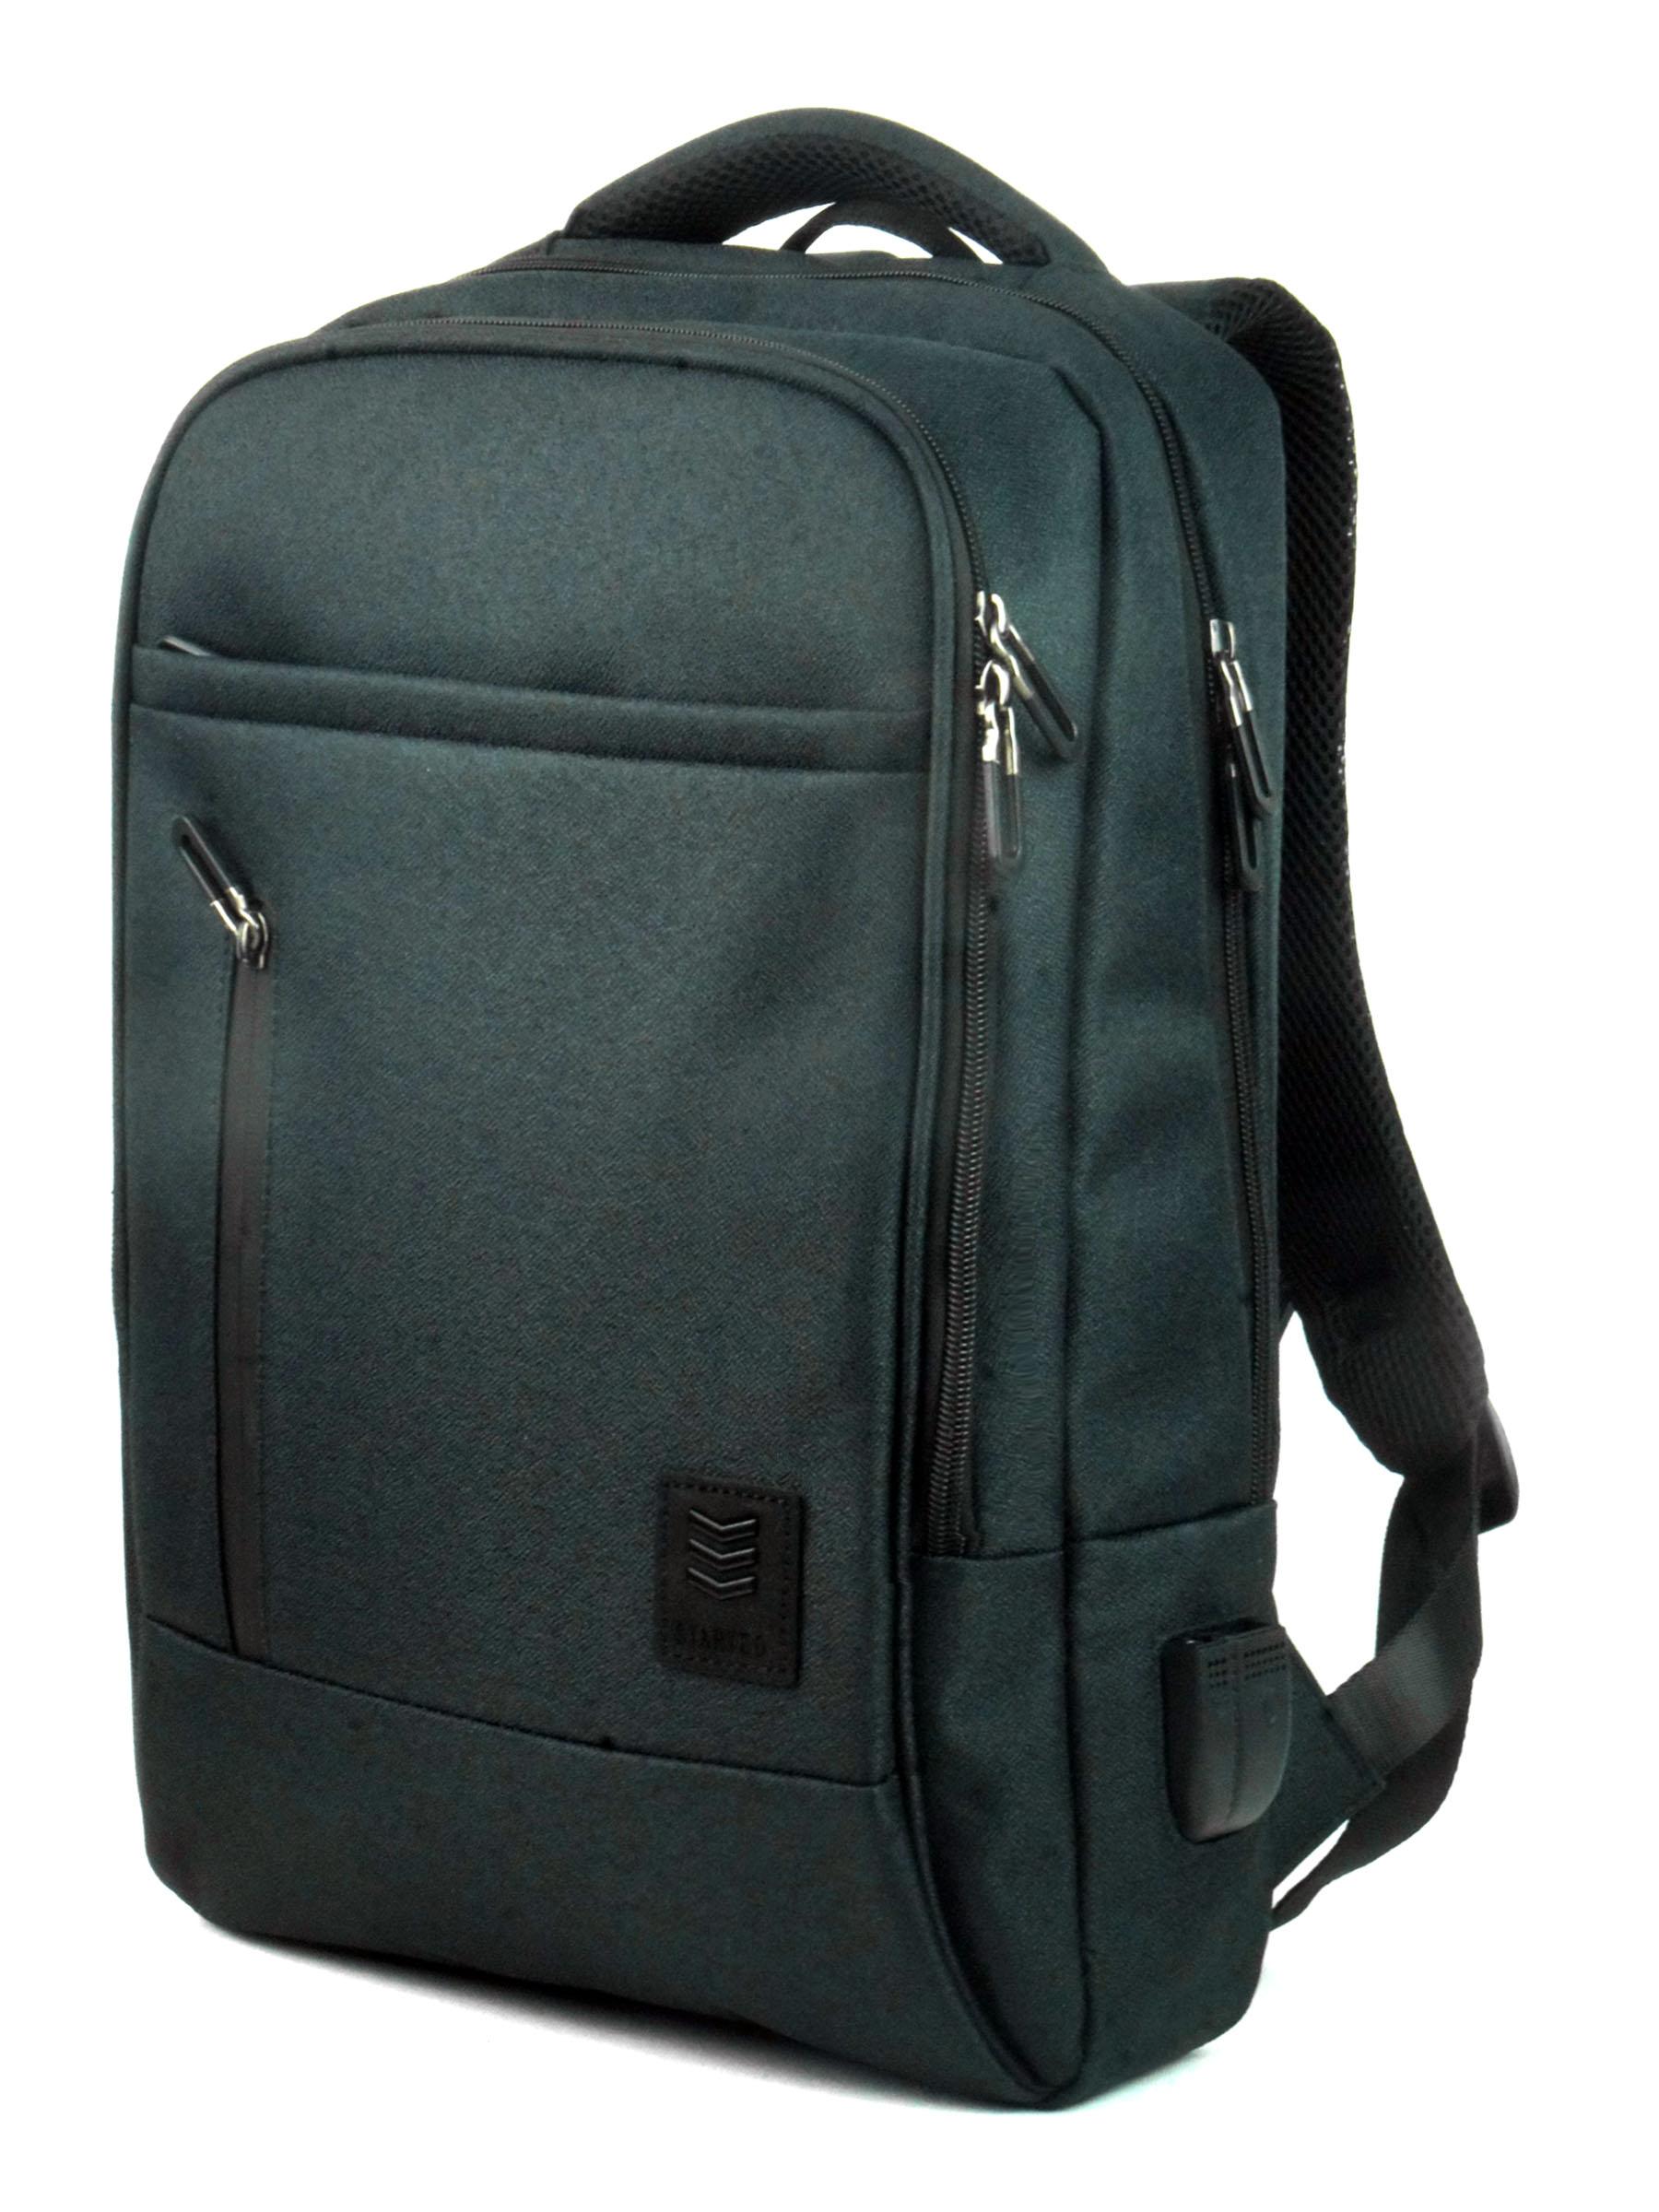 Рюкзак городской 9701 мужской для ноутбука и документов